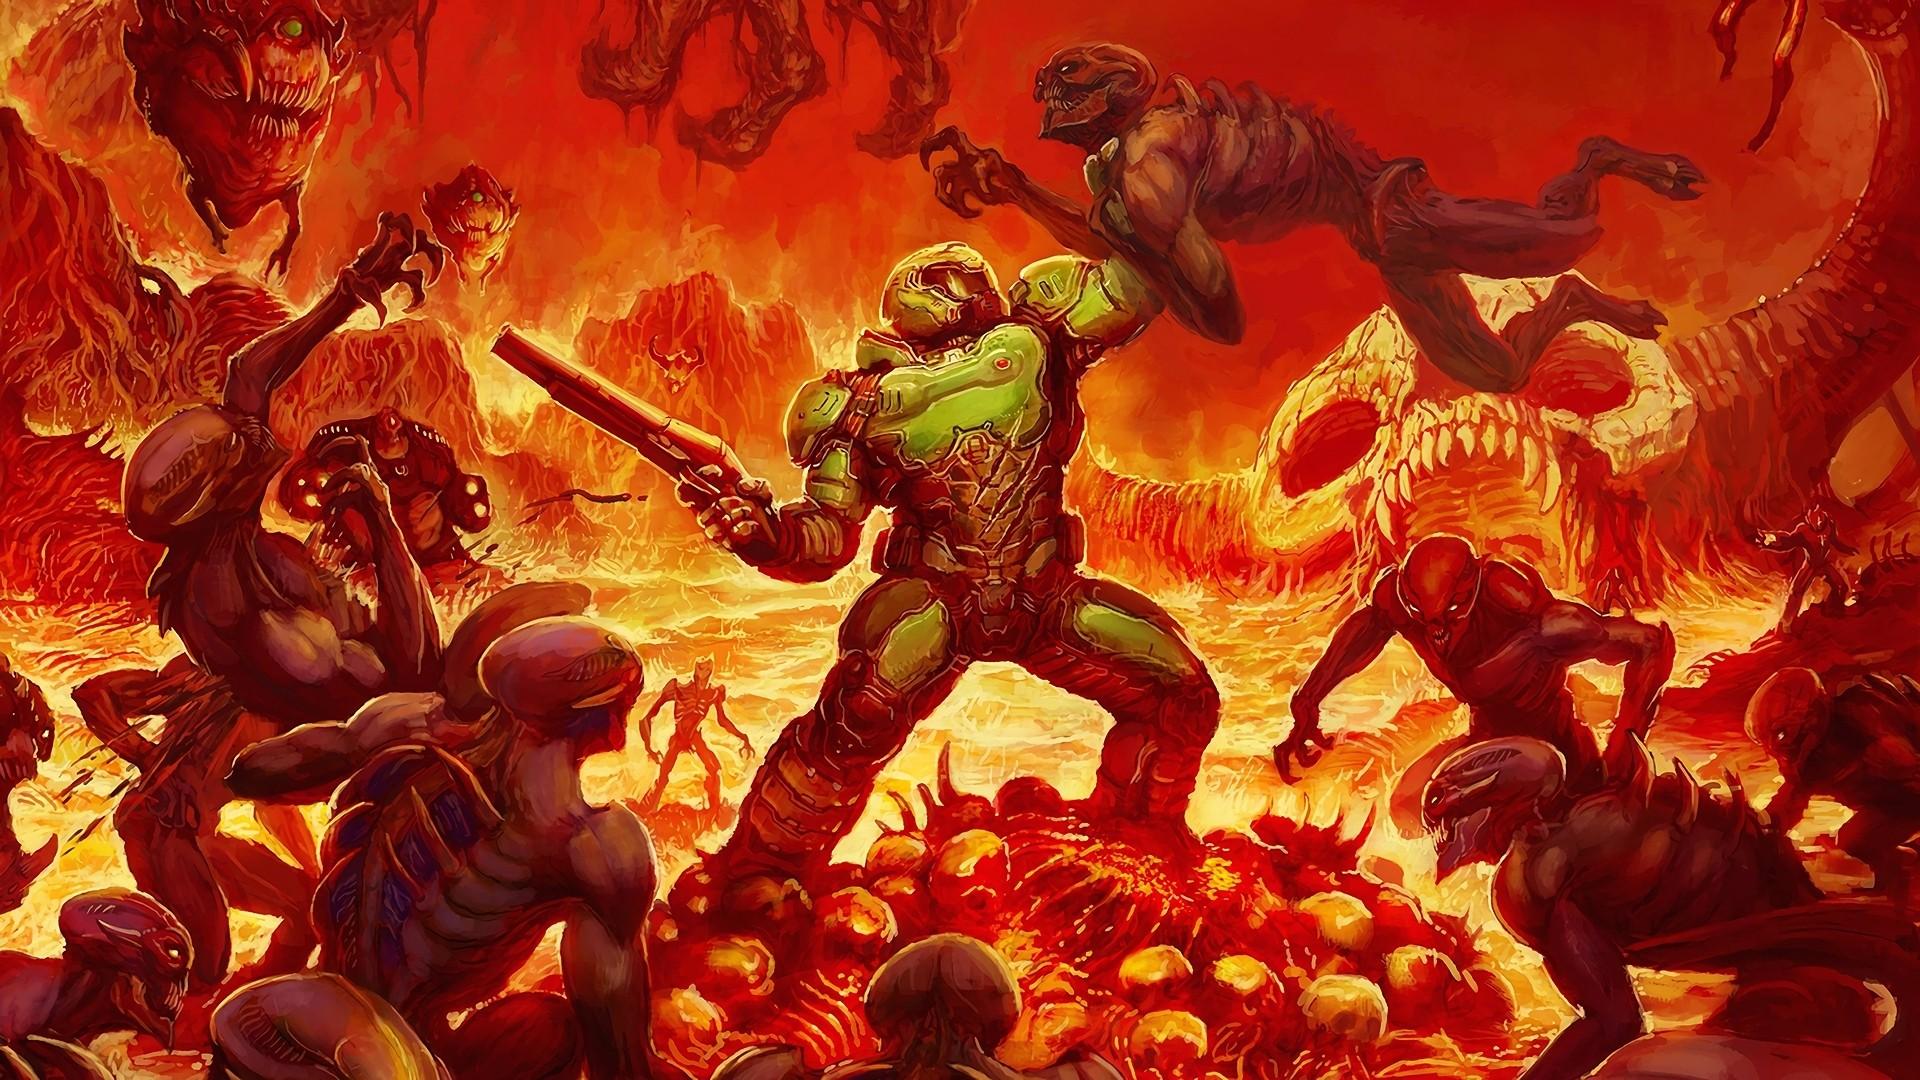 Doom Pic